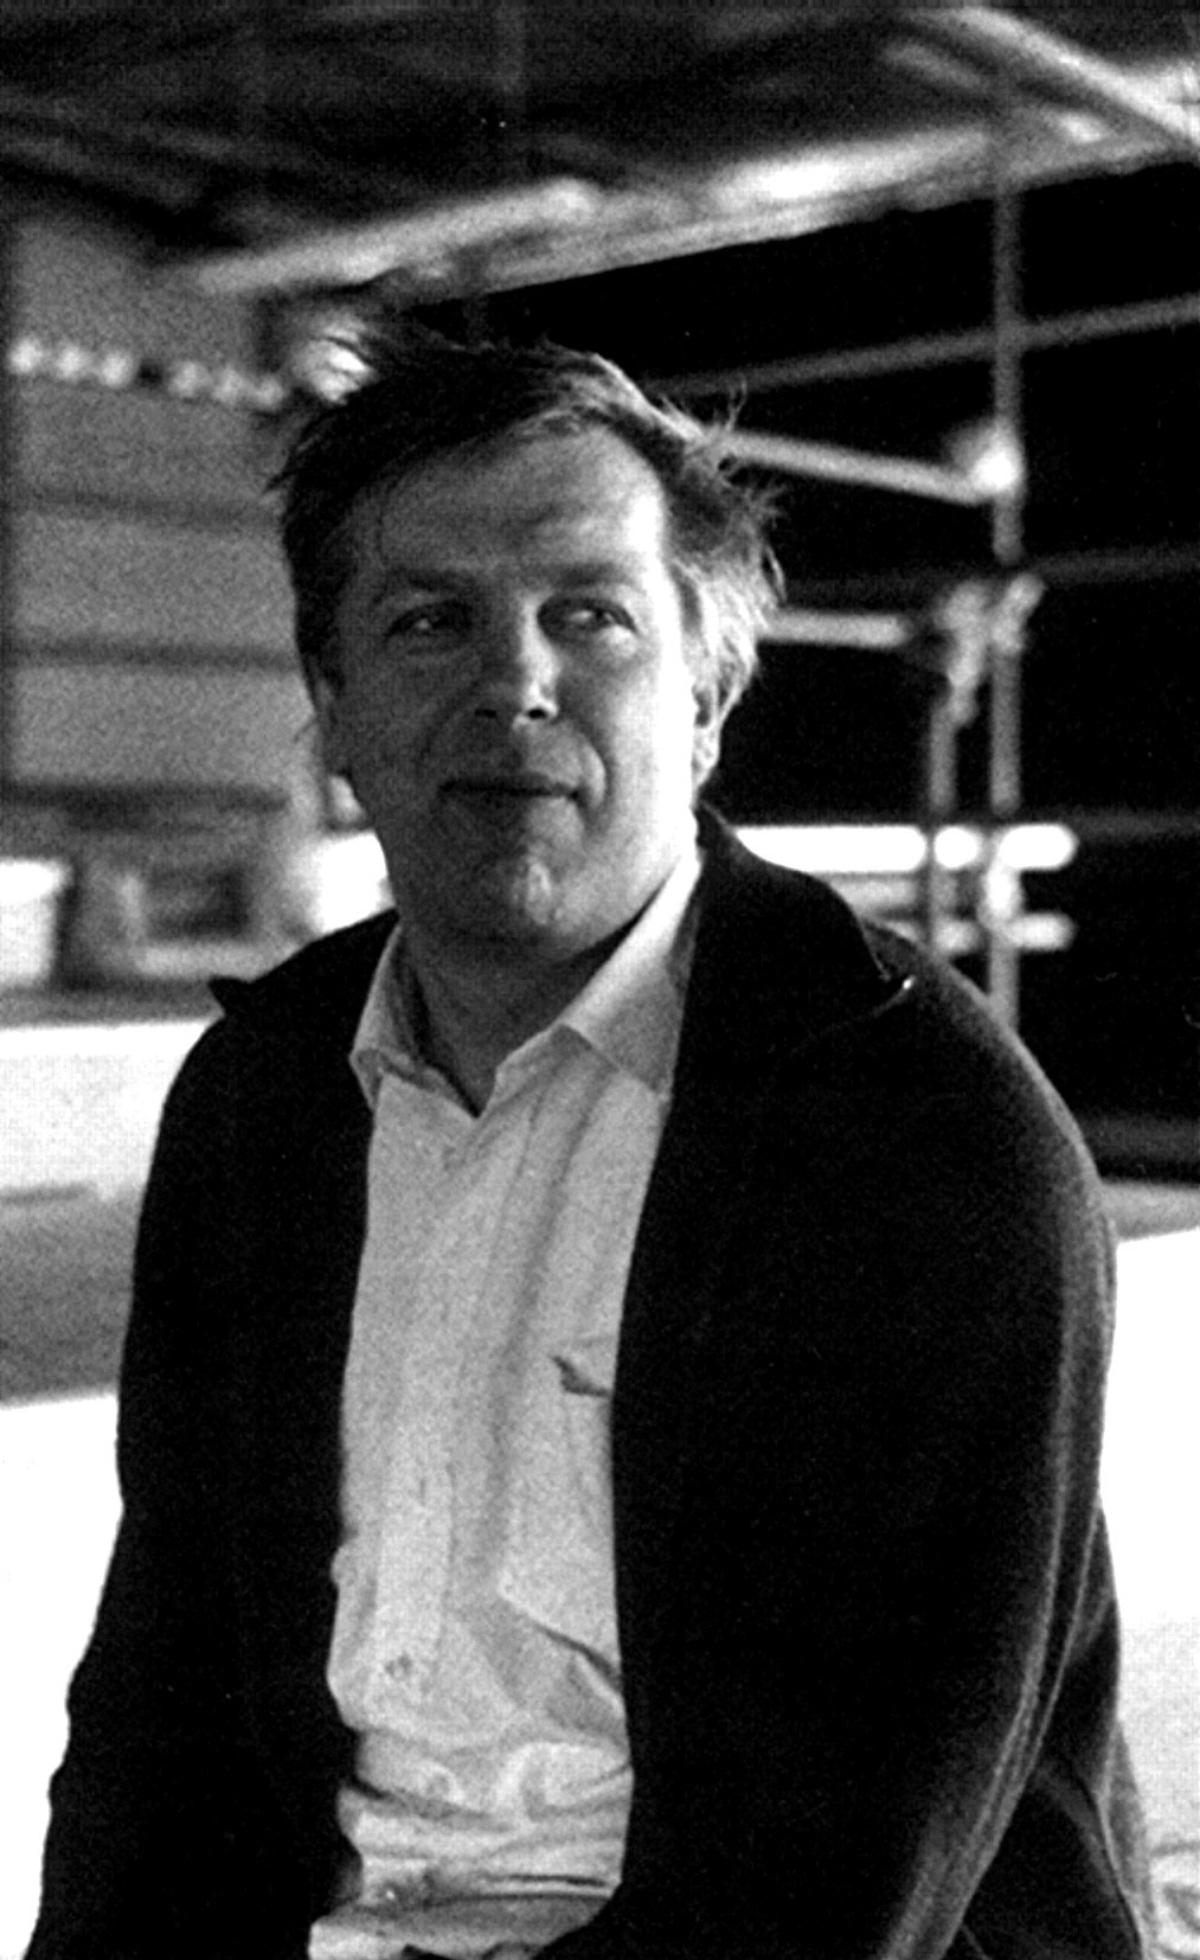 Einar Schleef, Foto: Einar-Schleef-Arbeitskreis Sangerhausen e.V.